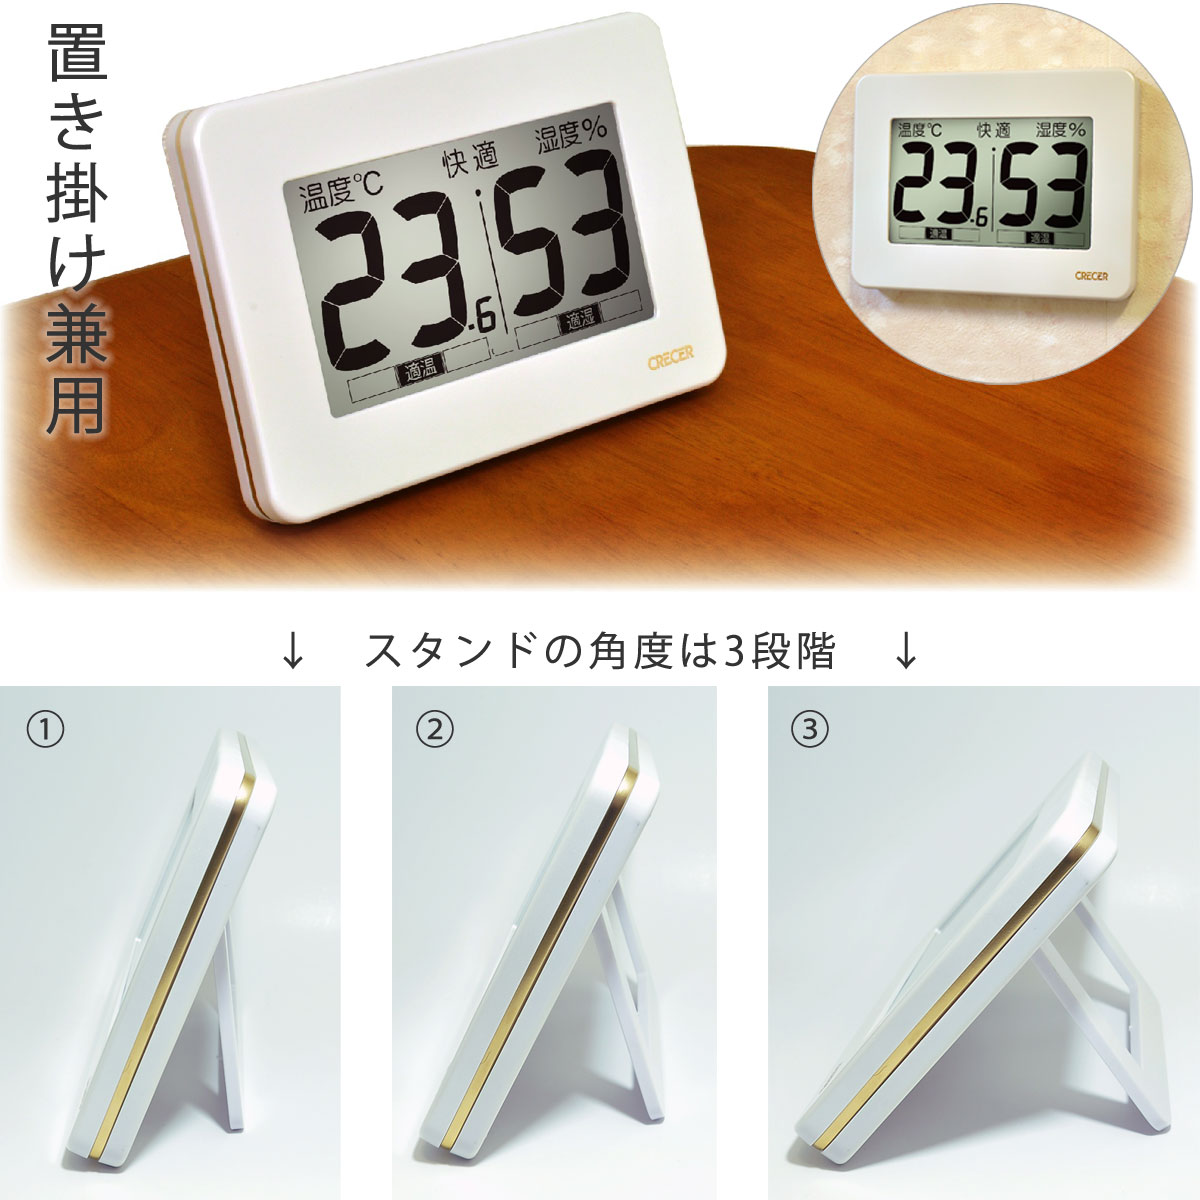 置き掛兼用のデジタル温湿度計CR3000